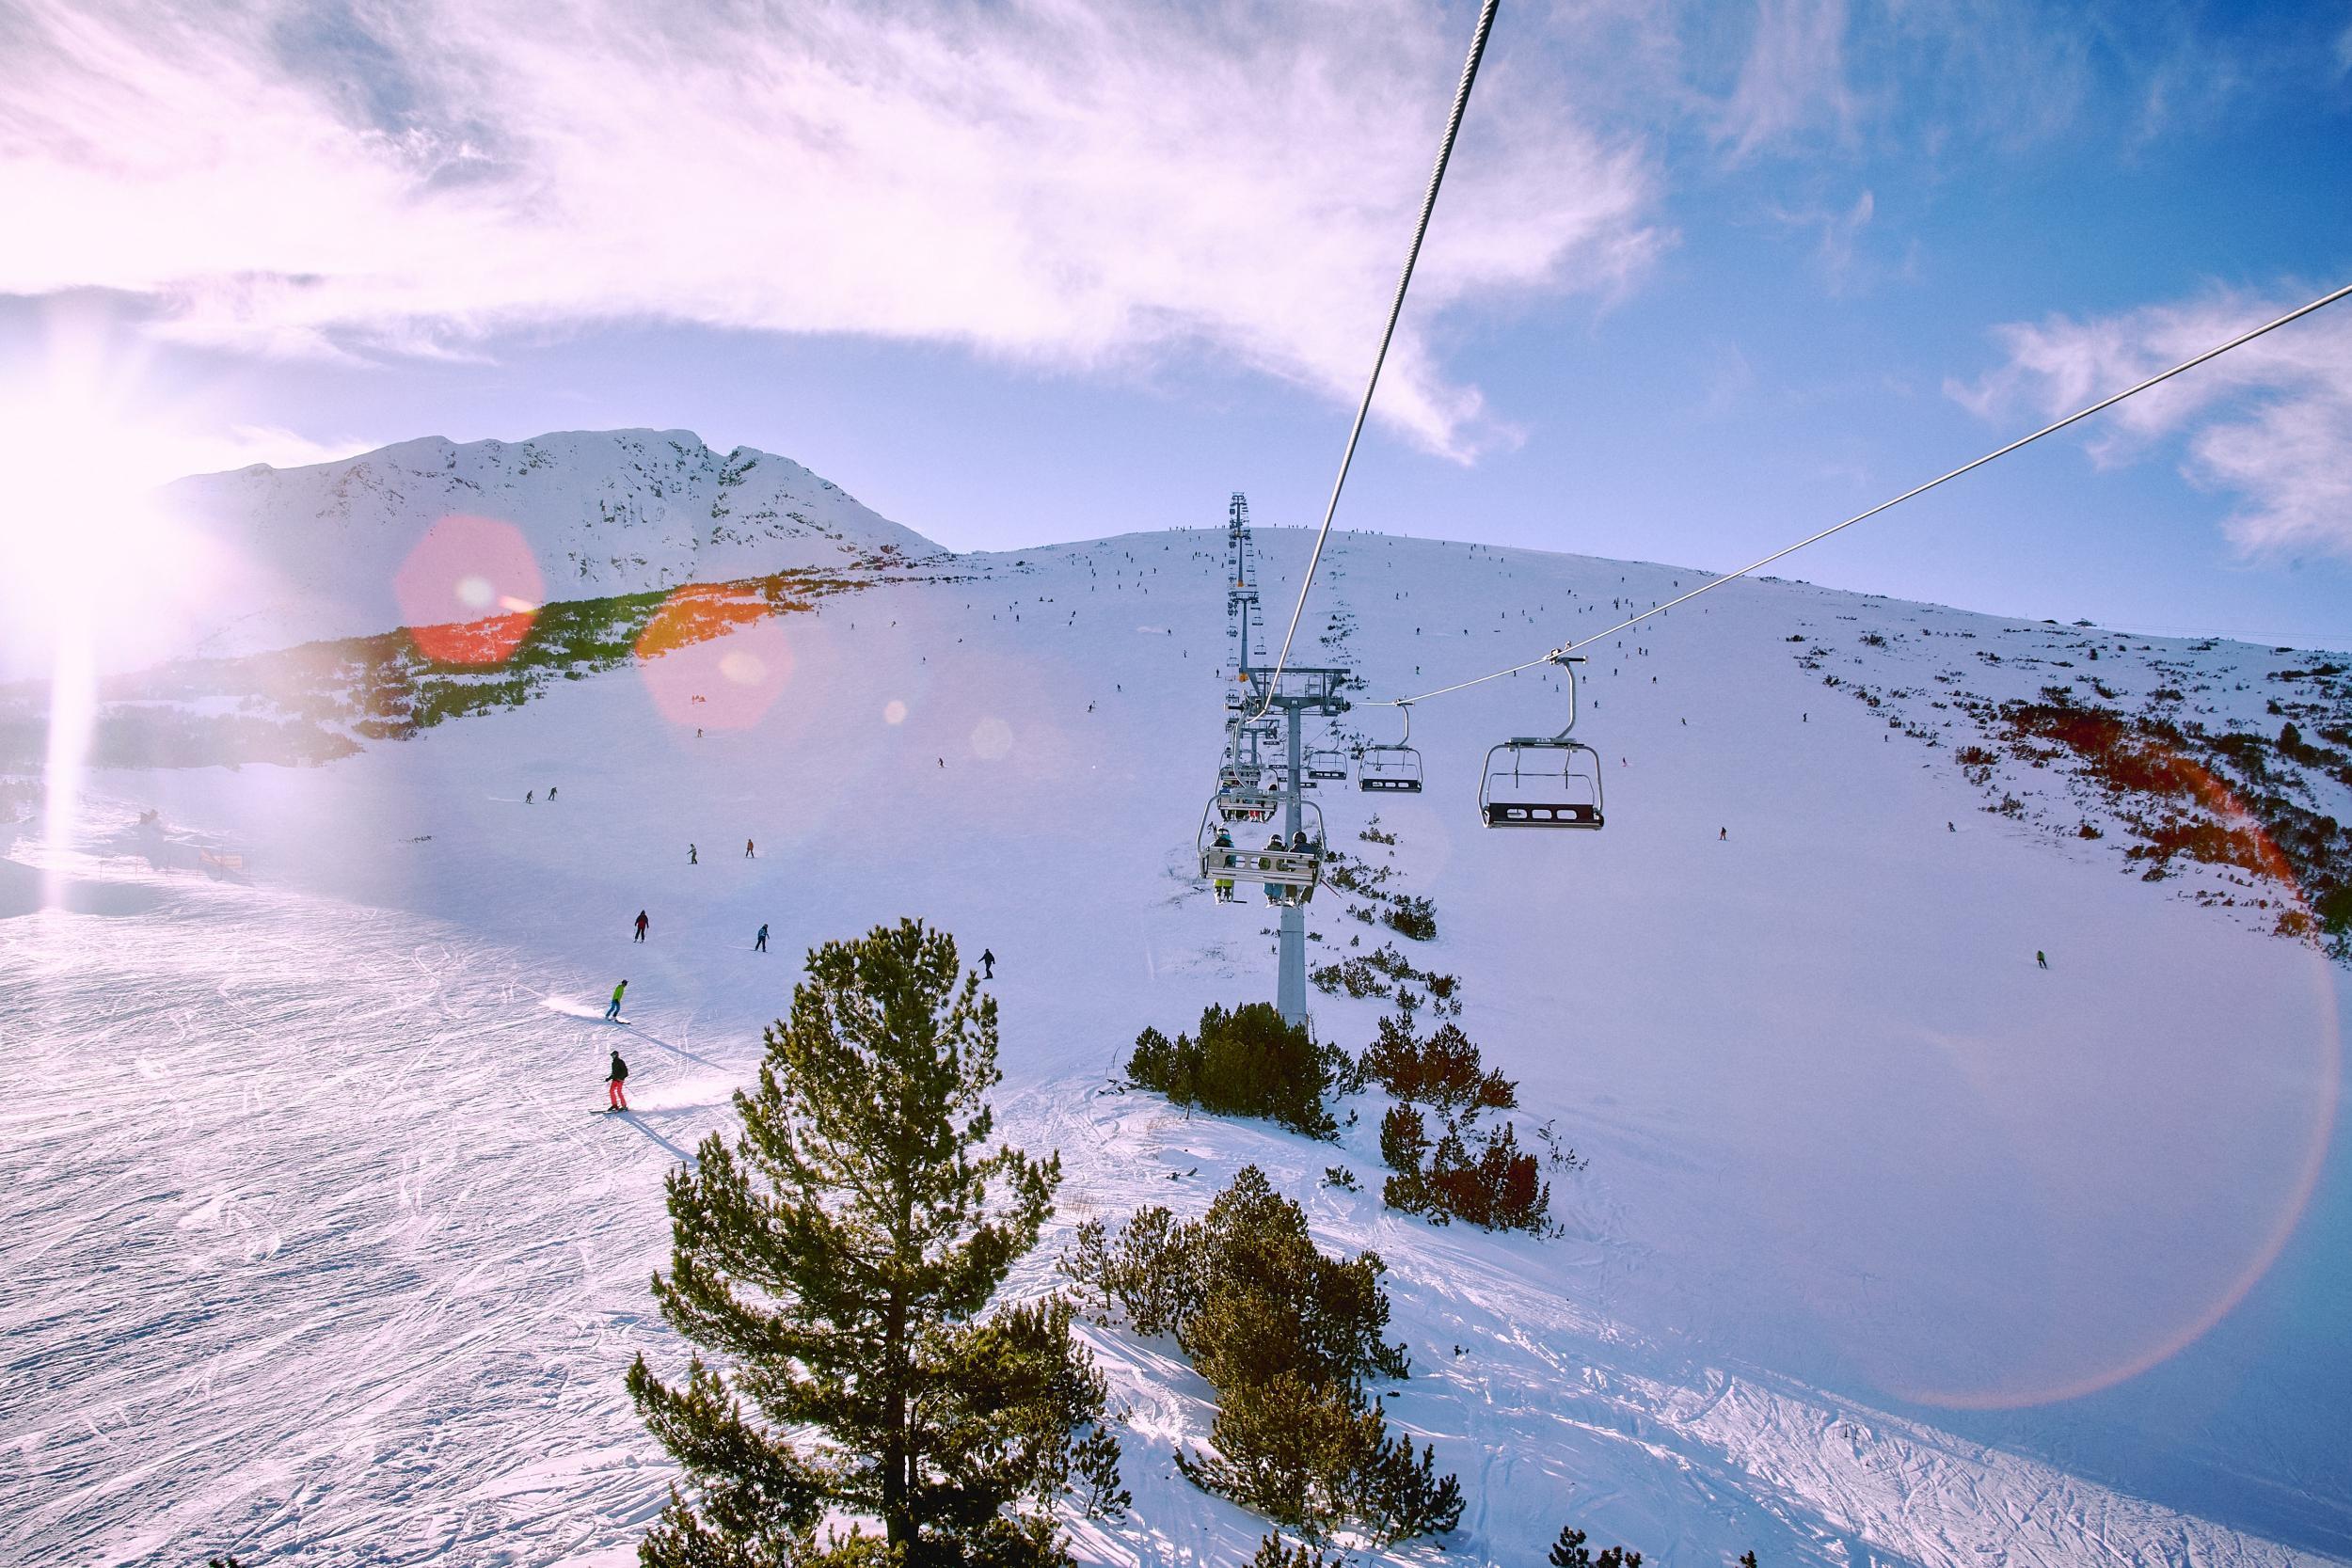 Где покататься на лыжах: гайд по курортам Европы Где покататься на лыжах: гайд по курортам Европы 004